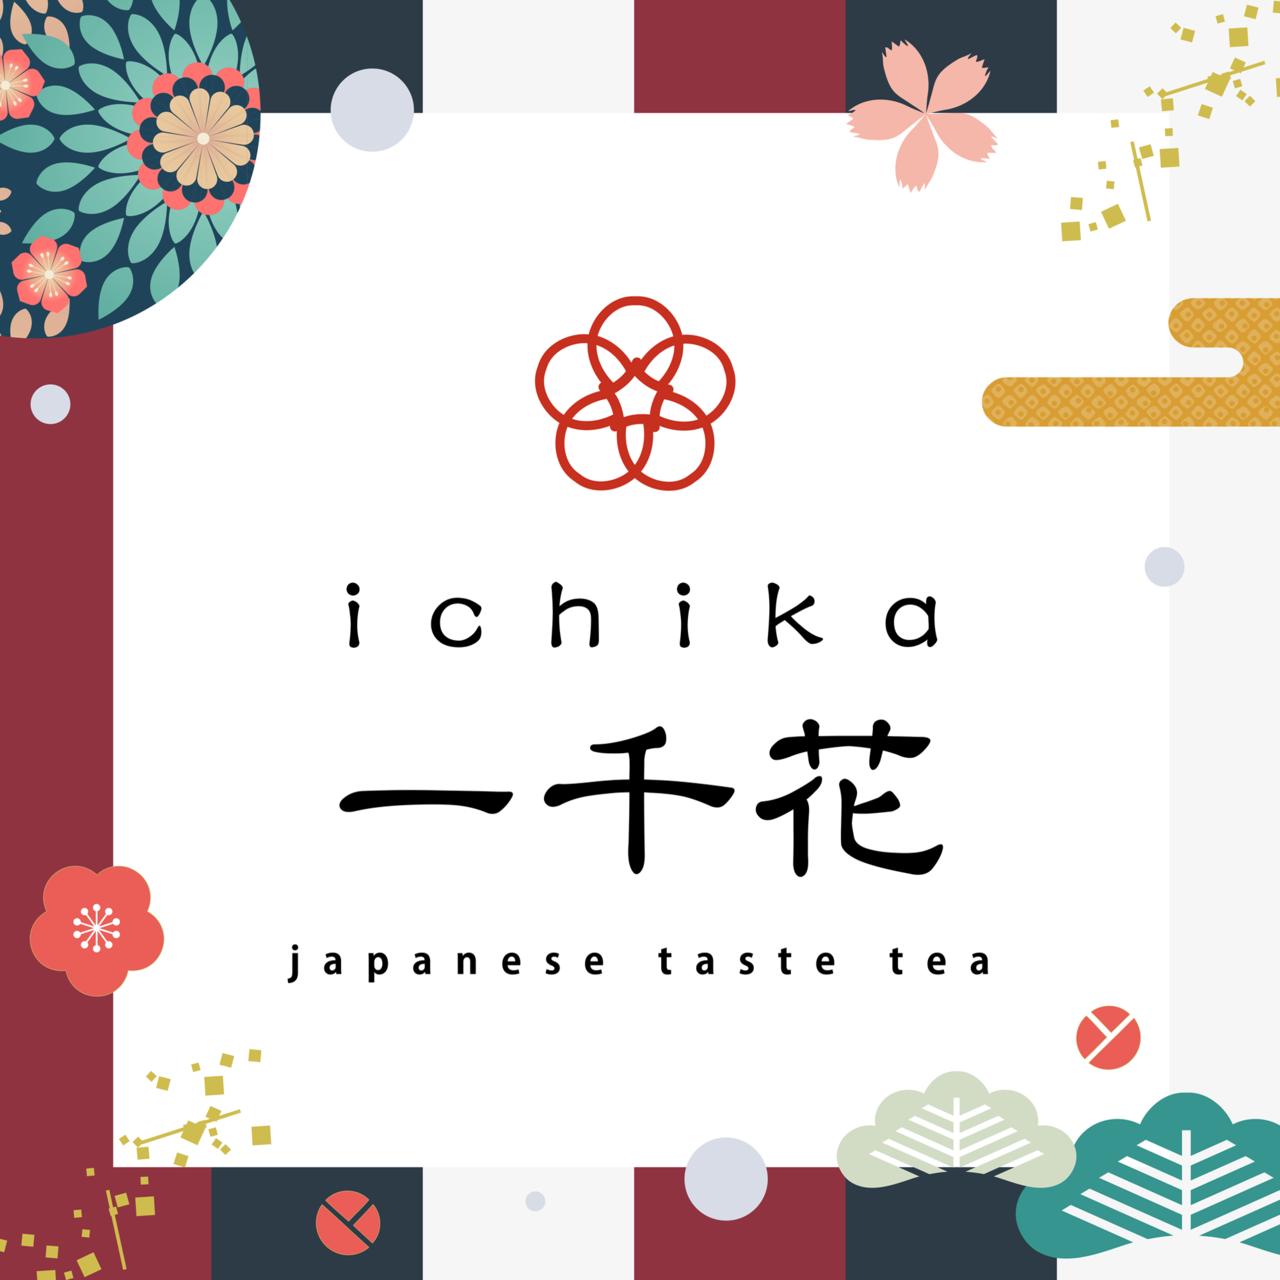 日本茶専門店『一千花(いちか)』の1号店を2019年6月10日に原宿でオープン。生タピオカ日本茶ラテを提供